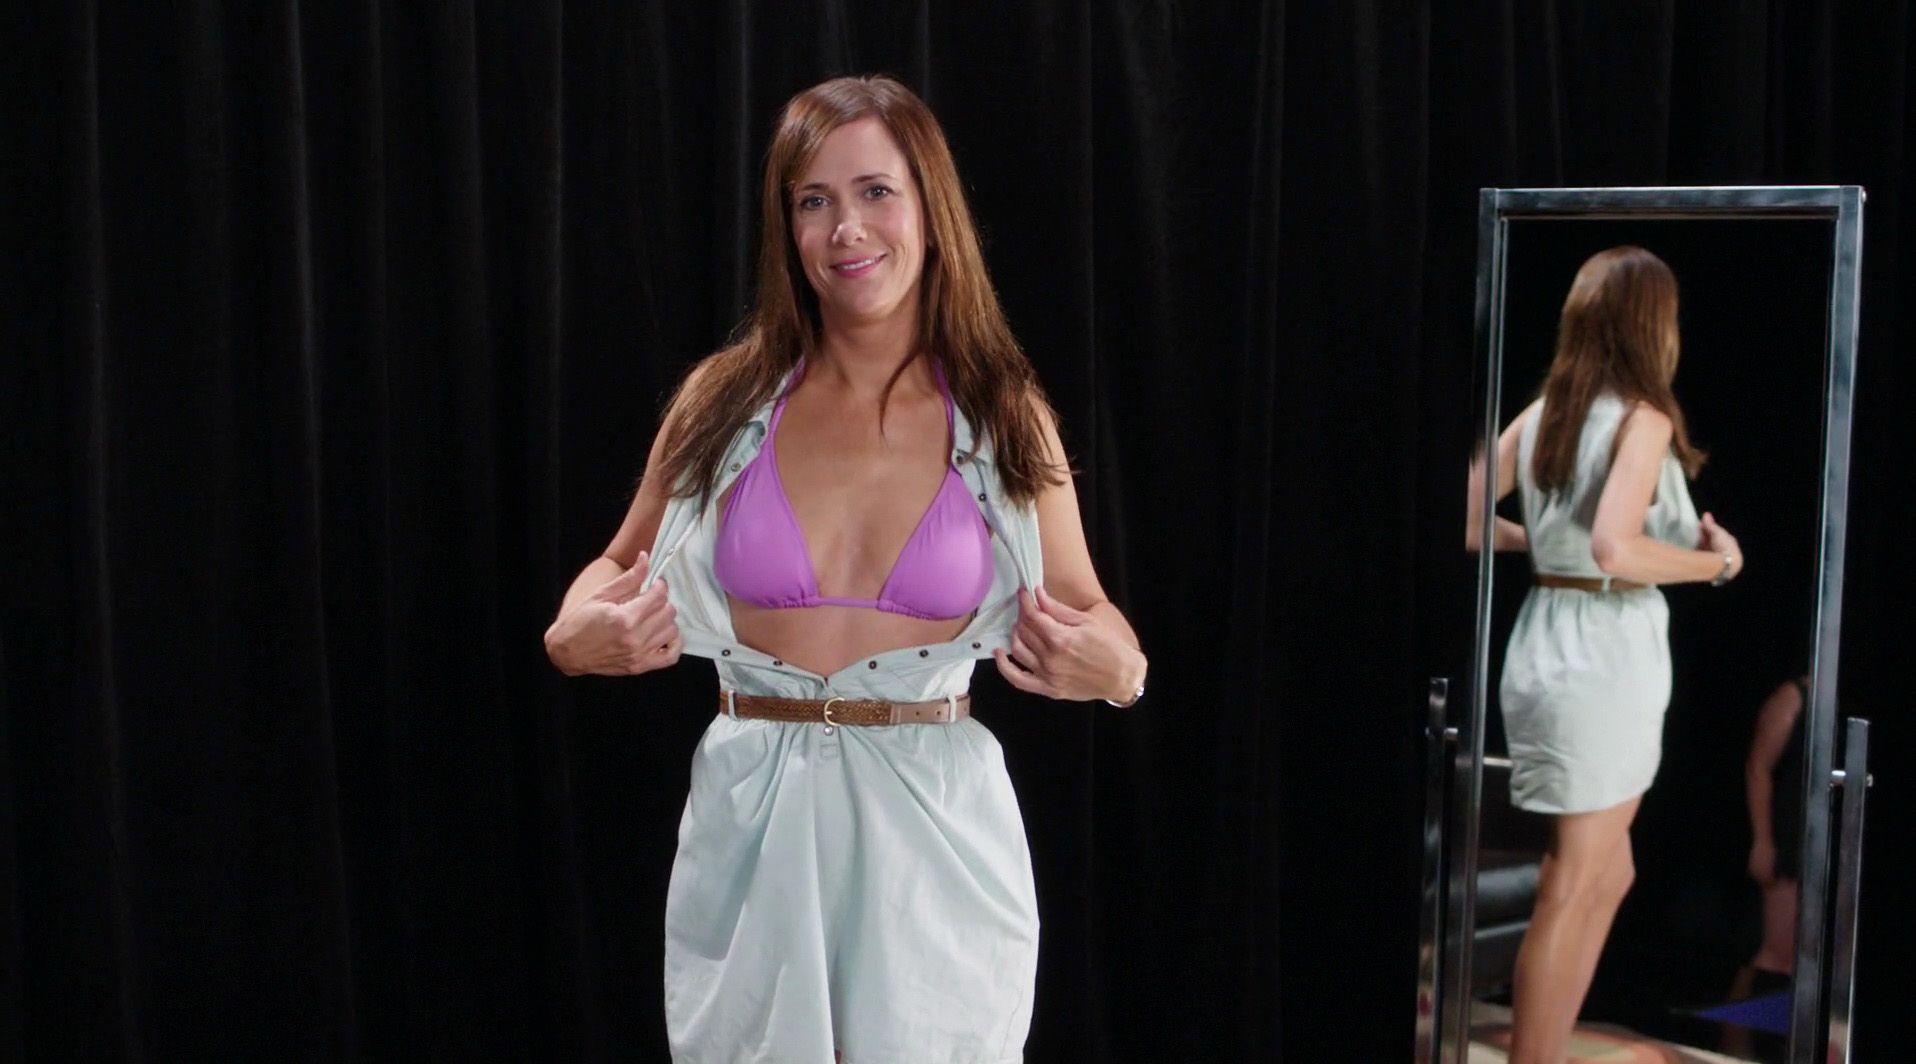 Kristen-Wiig-Nude-2-1